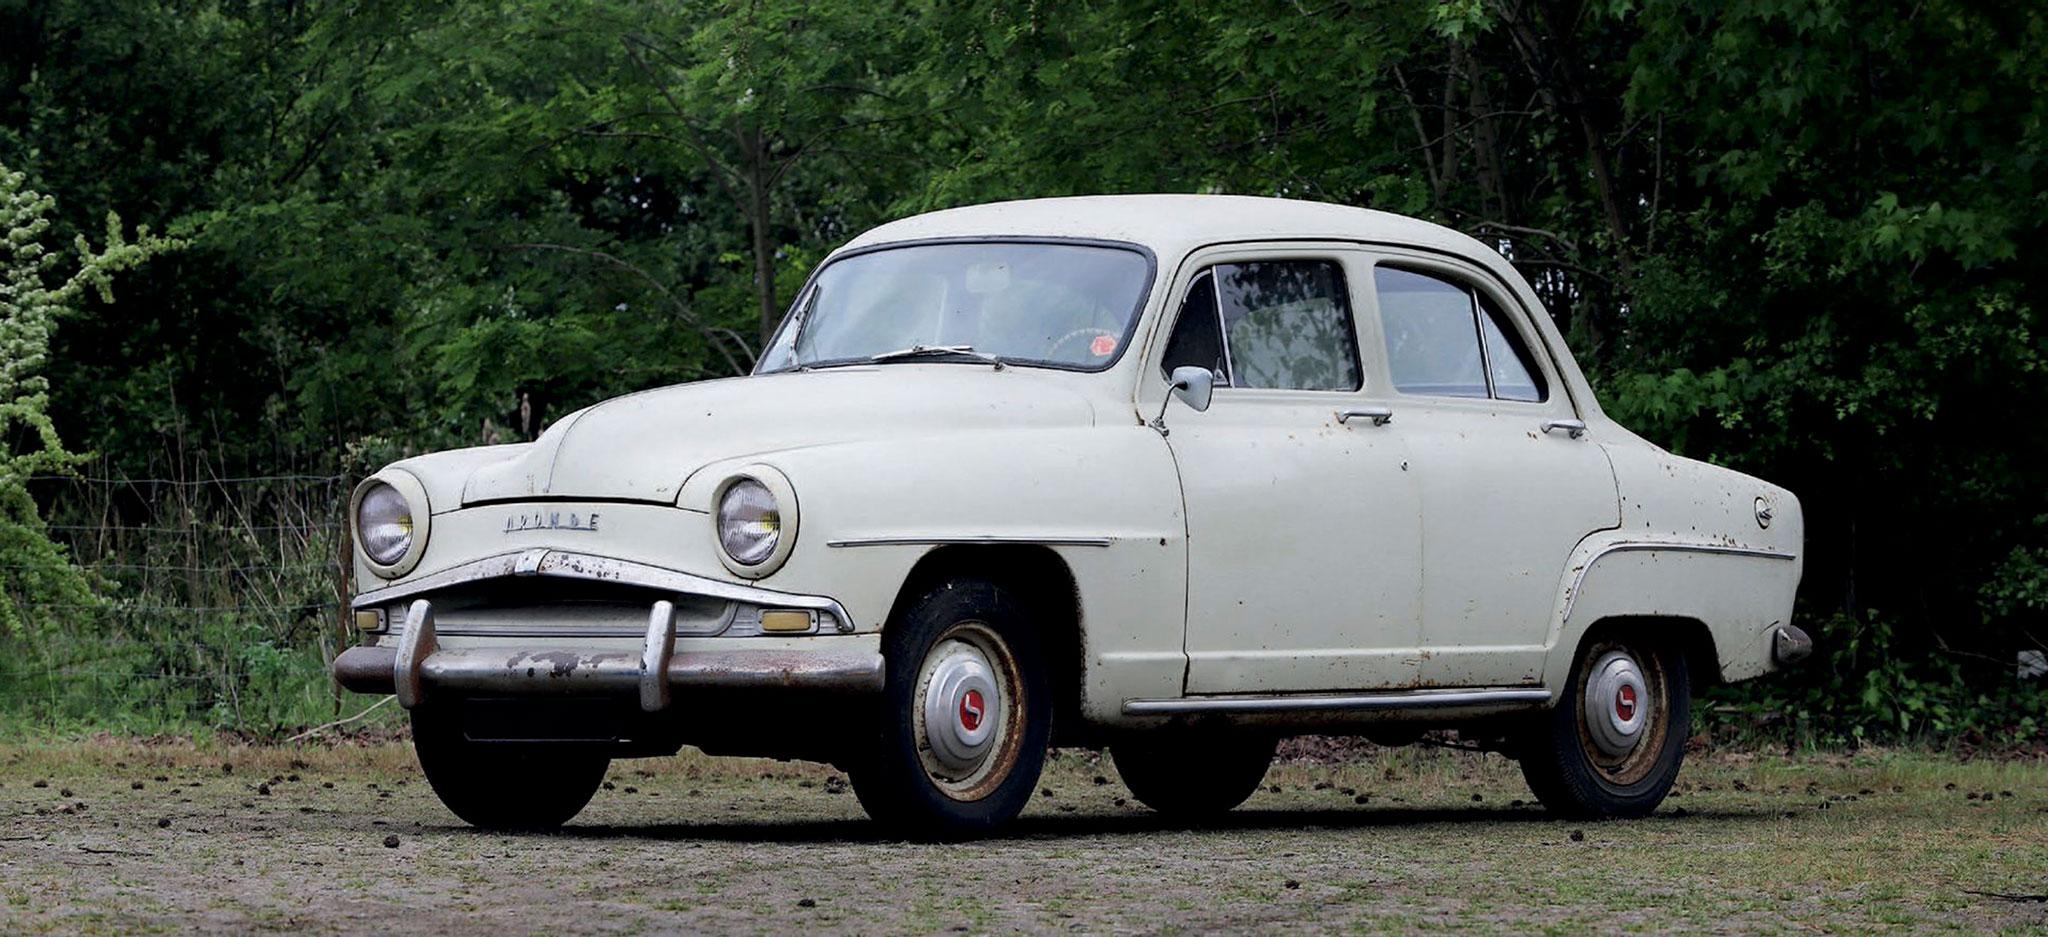 1956 Simca Aronde 90 A Berline €1200 - 1800 - Populaires Françaises.